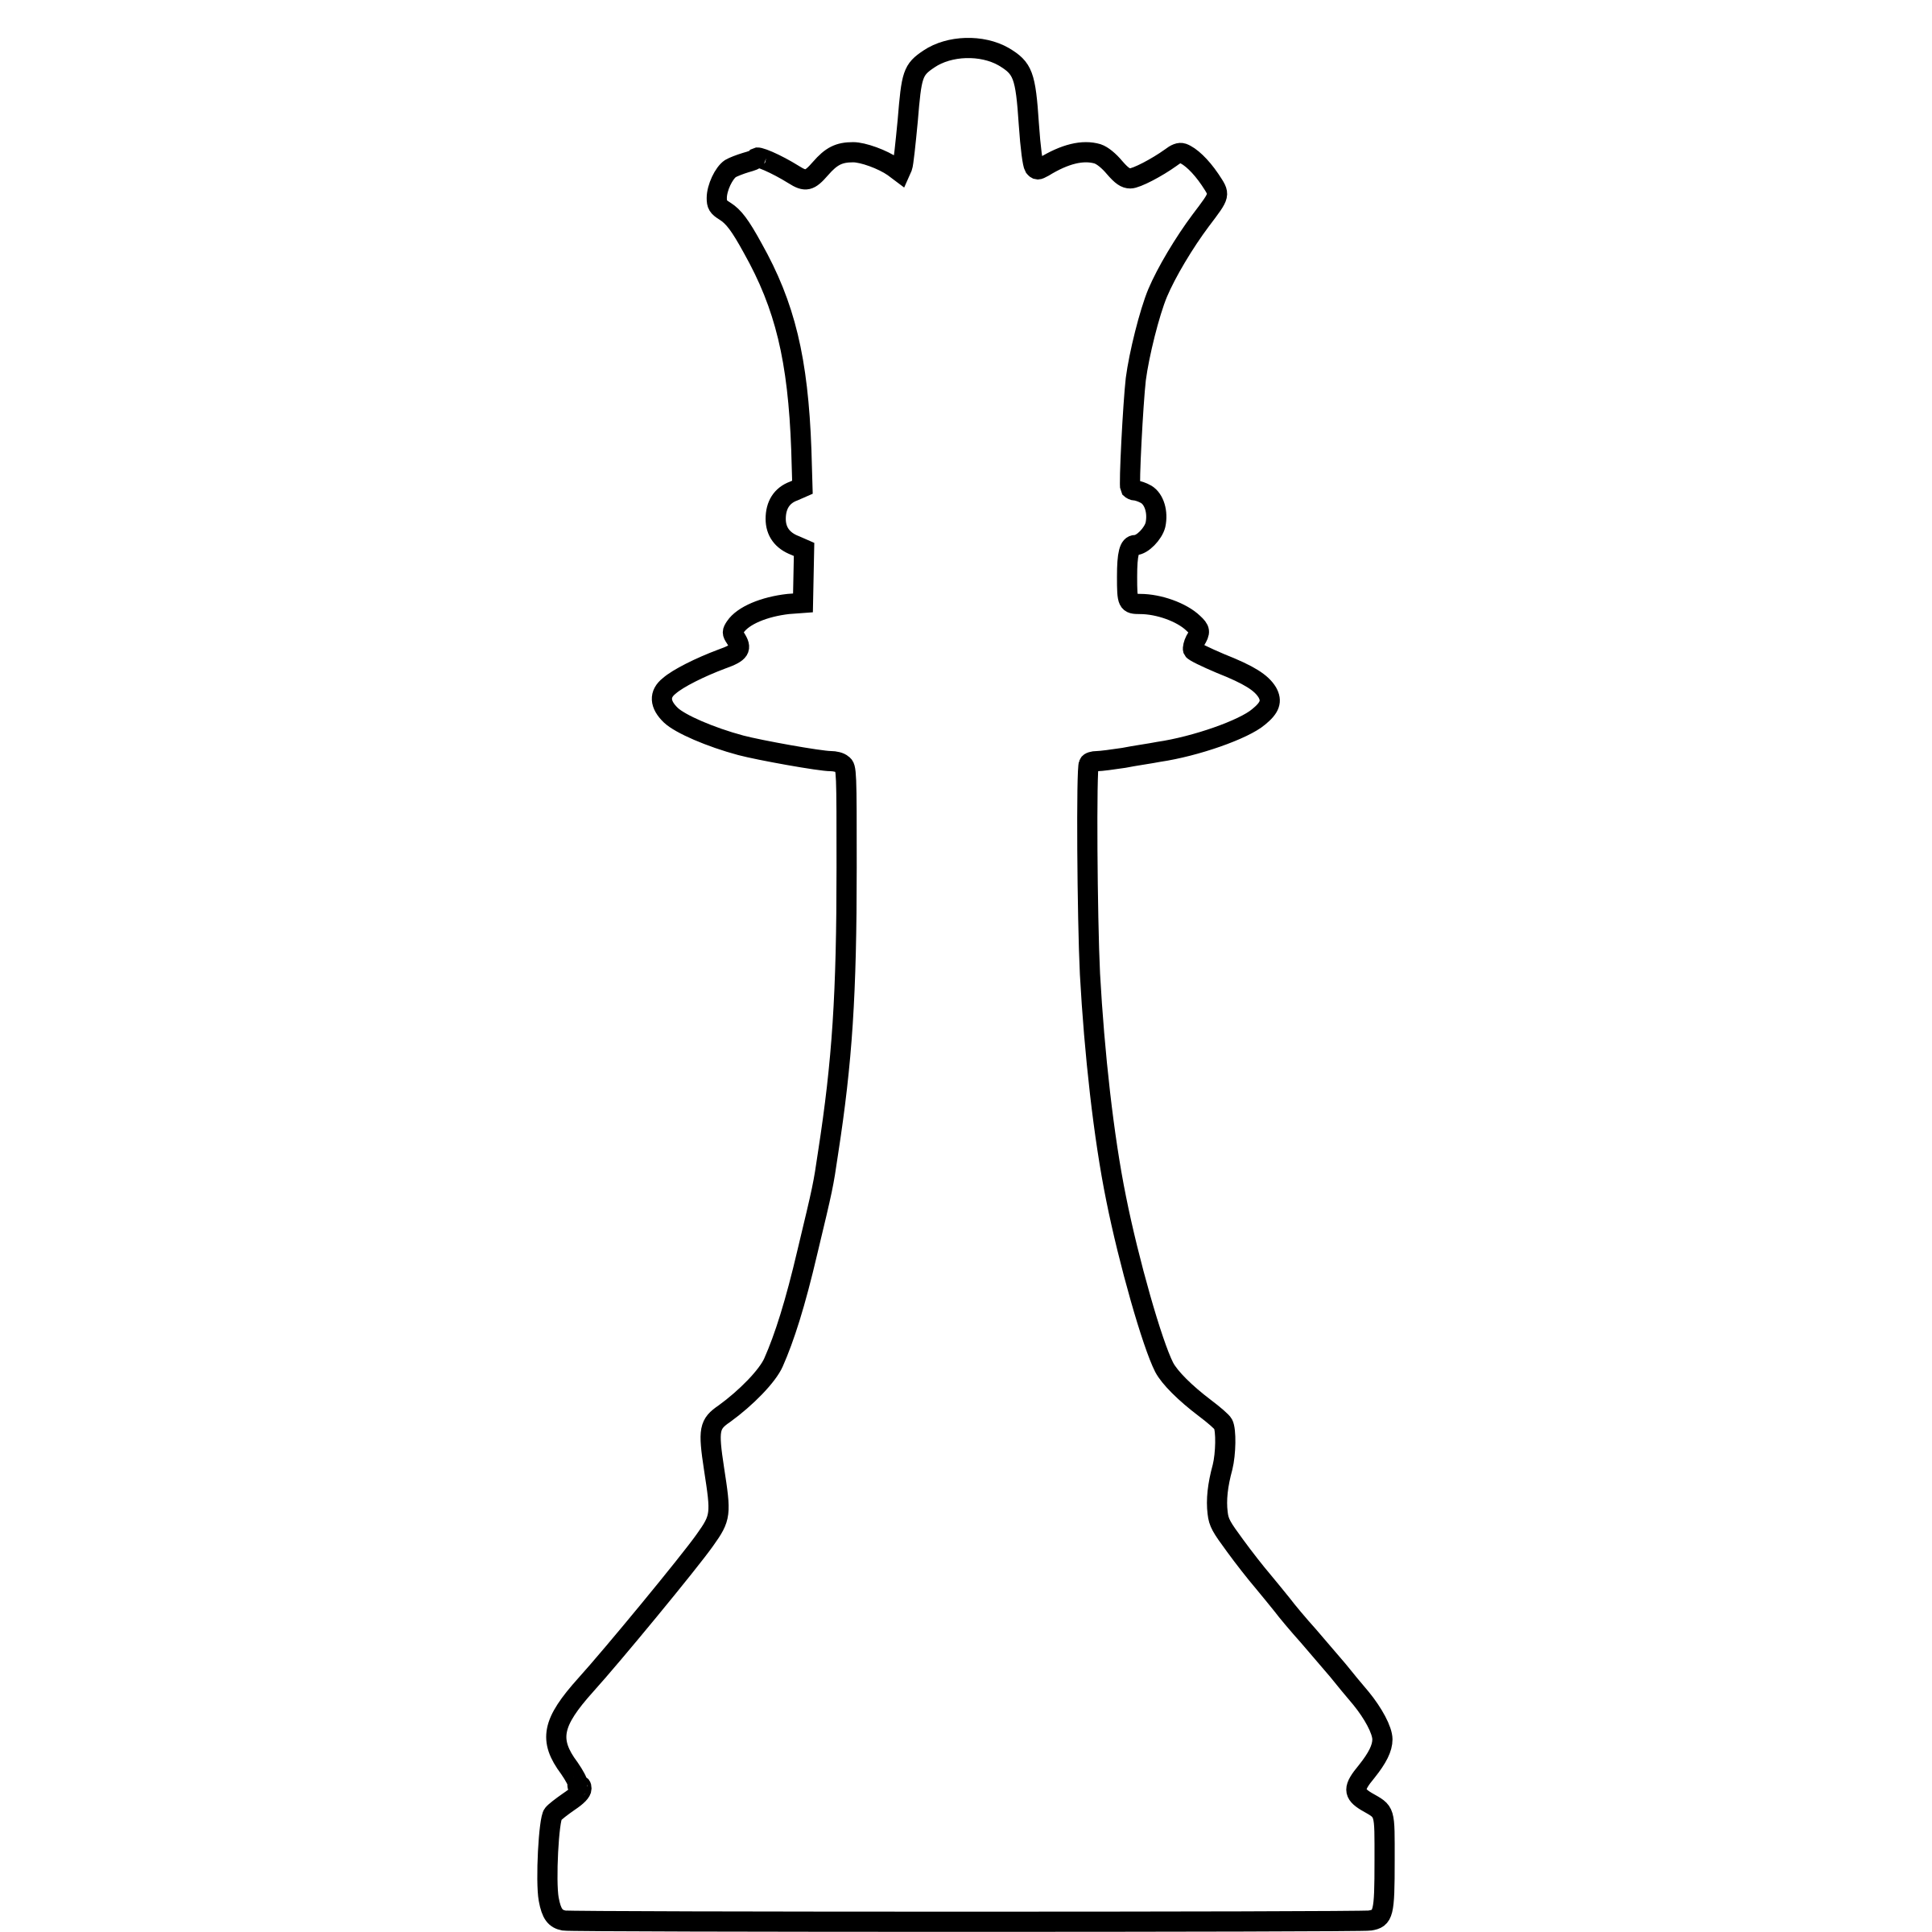 White Silhouette Chess Piece Remix Queen Dama By Dg Ra Chess Piece Tattoo Chess Pieces Queen Chess Piece